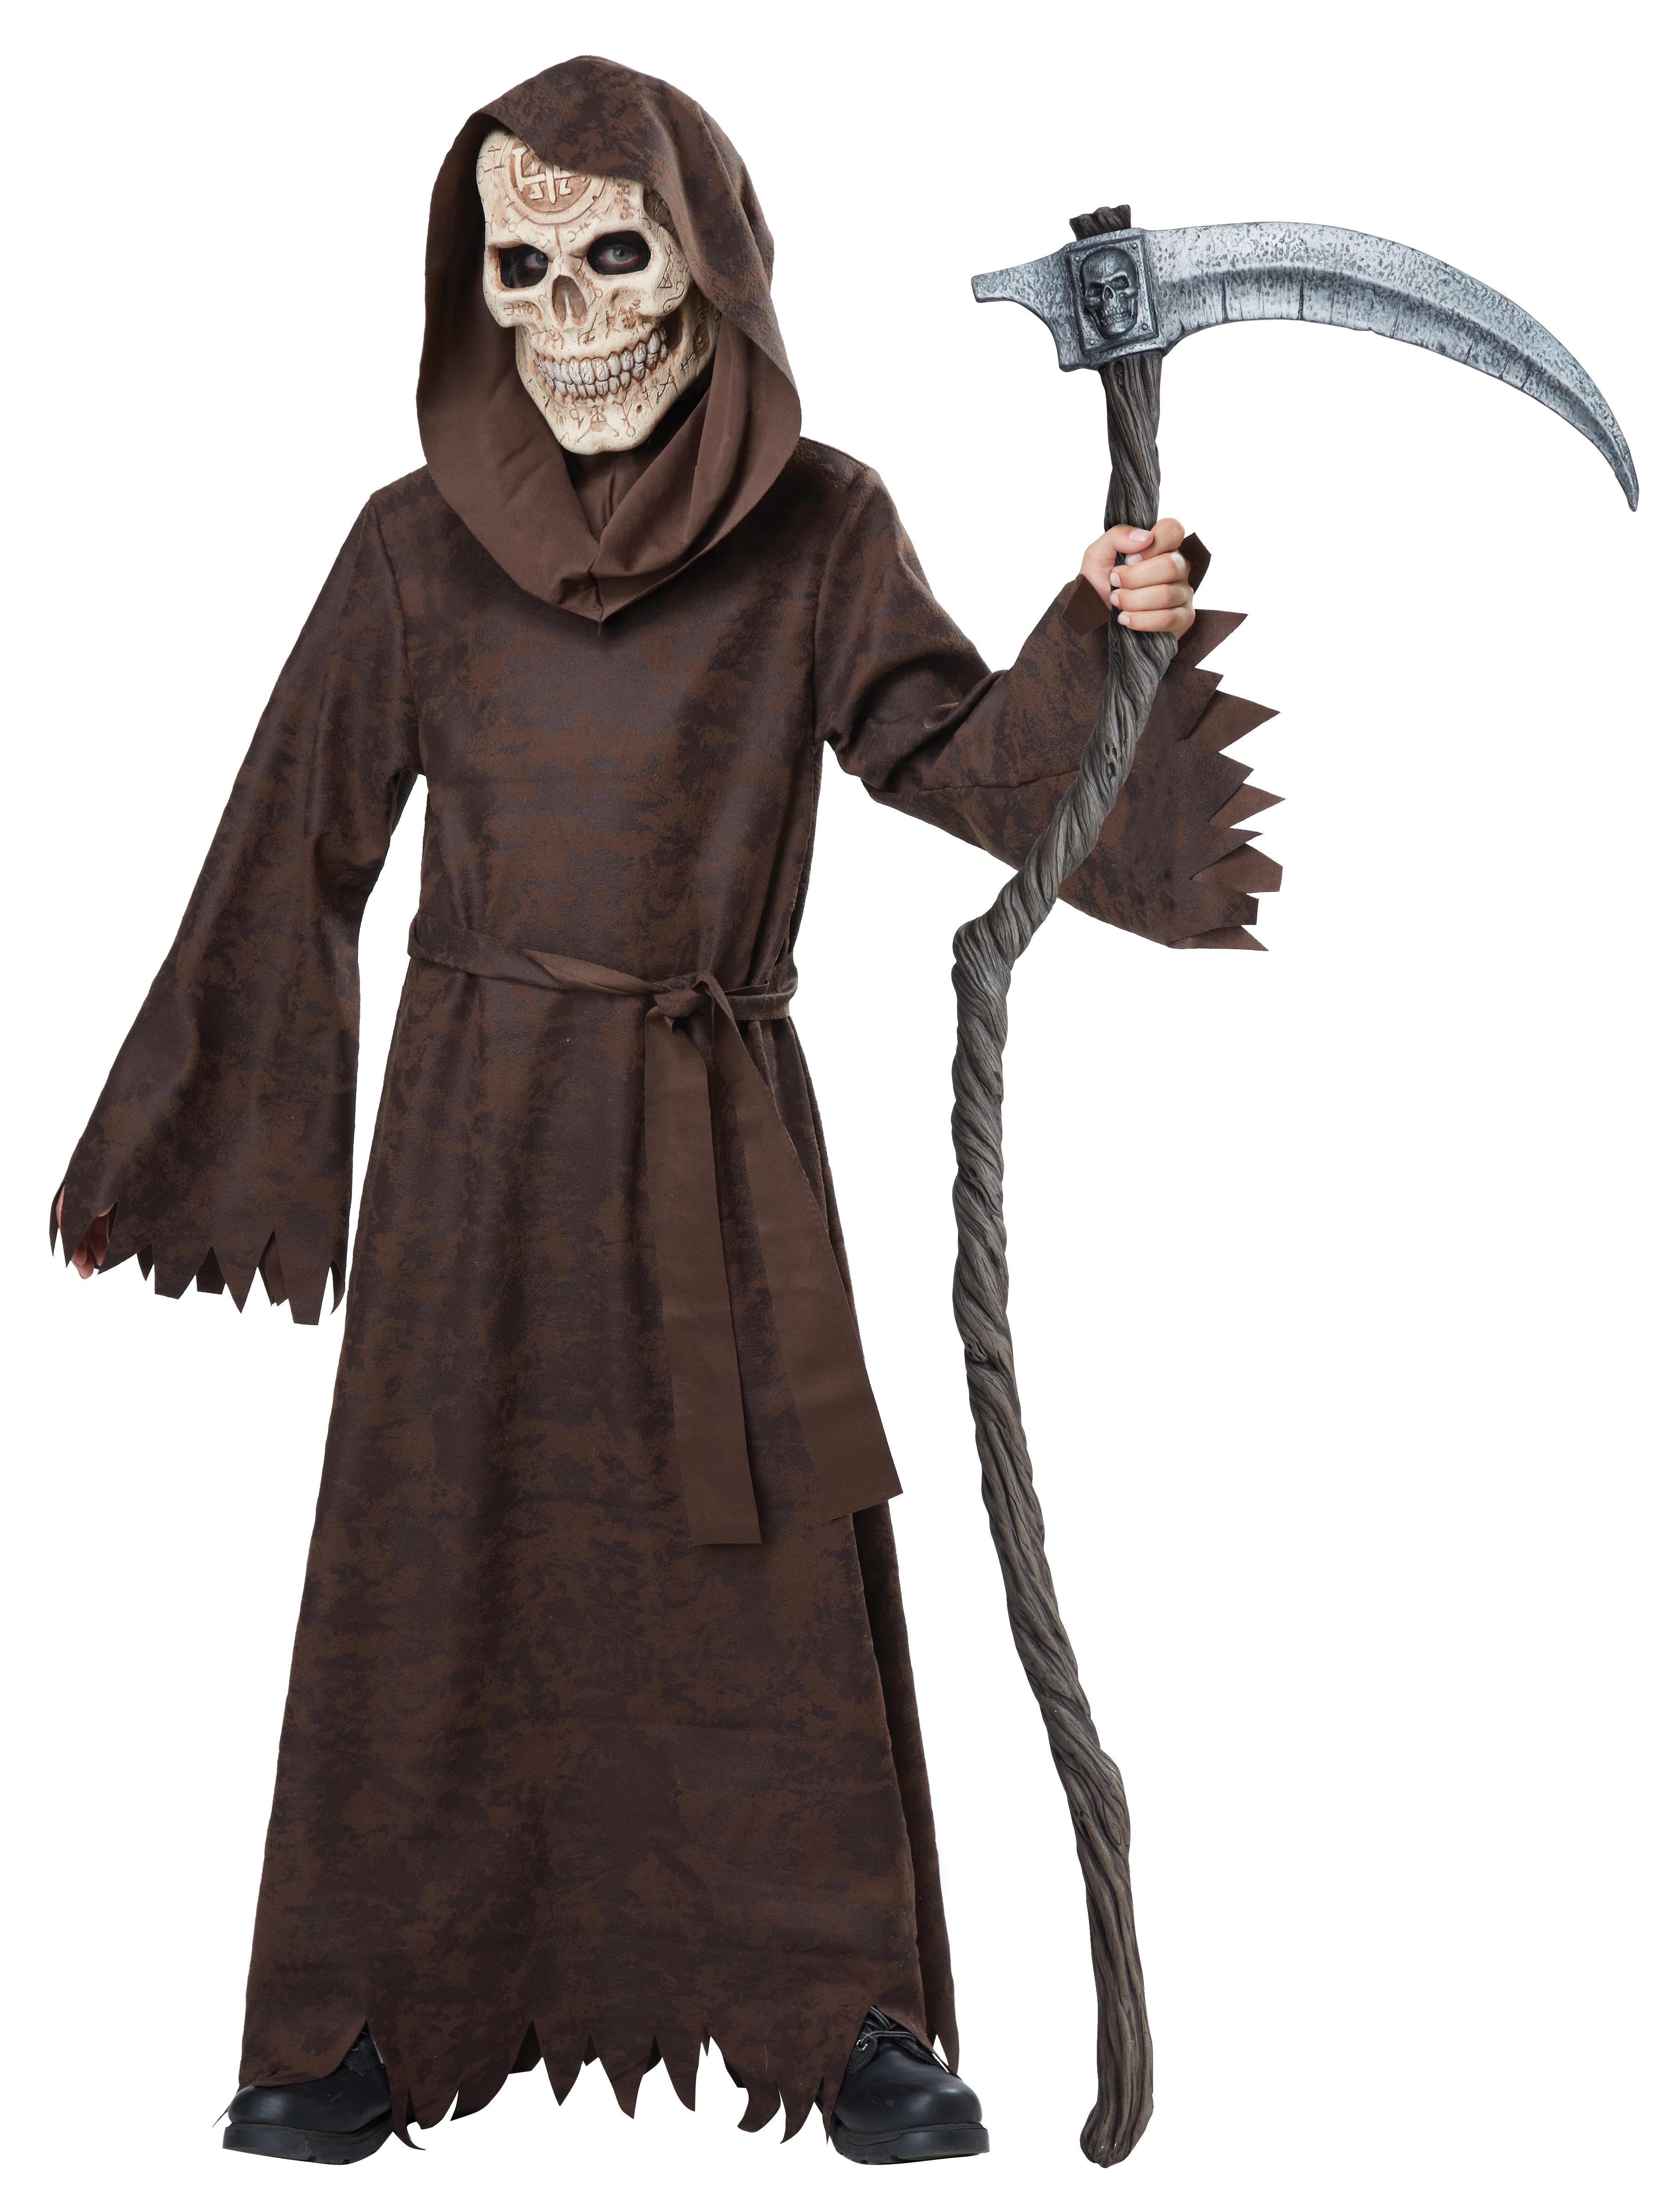 цены на Детский костюм Смерти (34-36) в интернет-магазинах